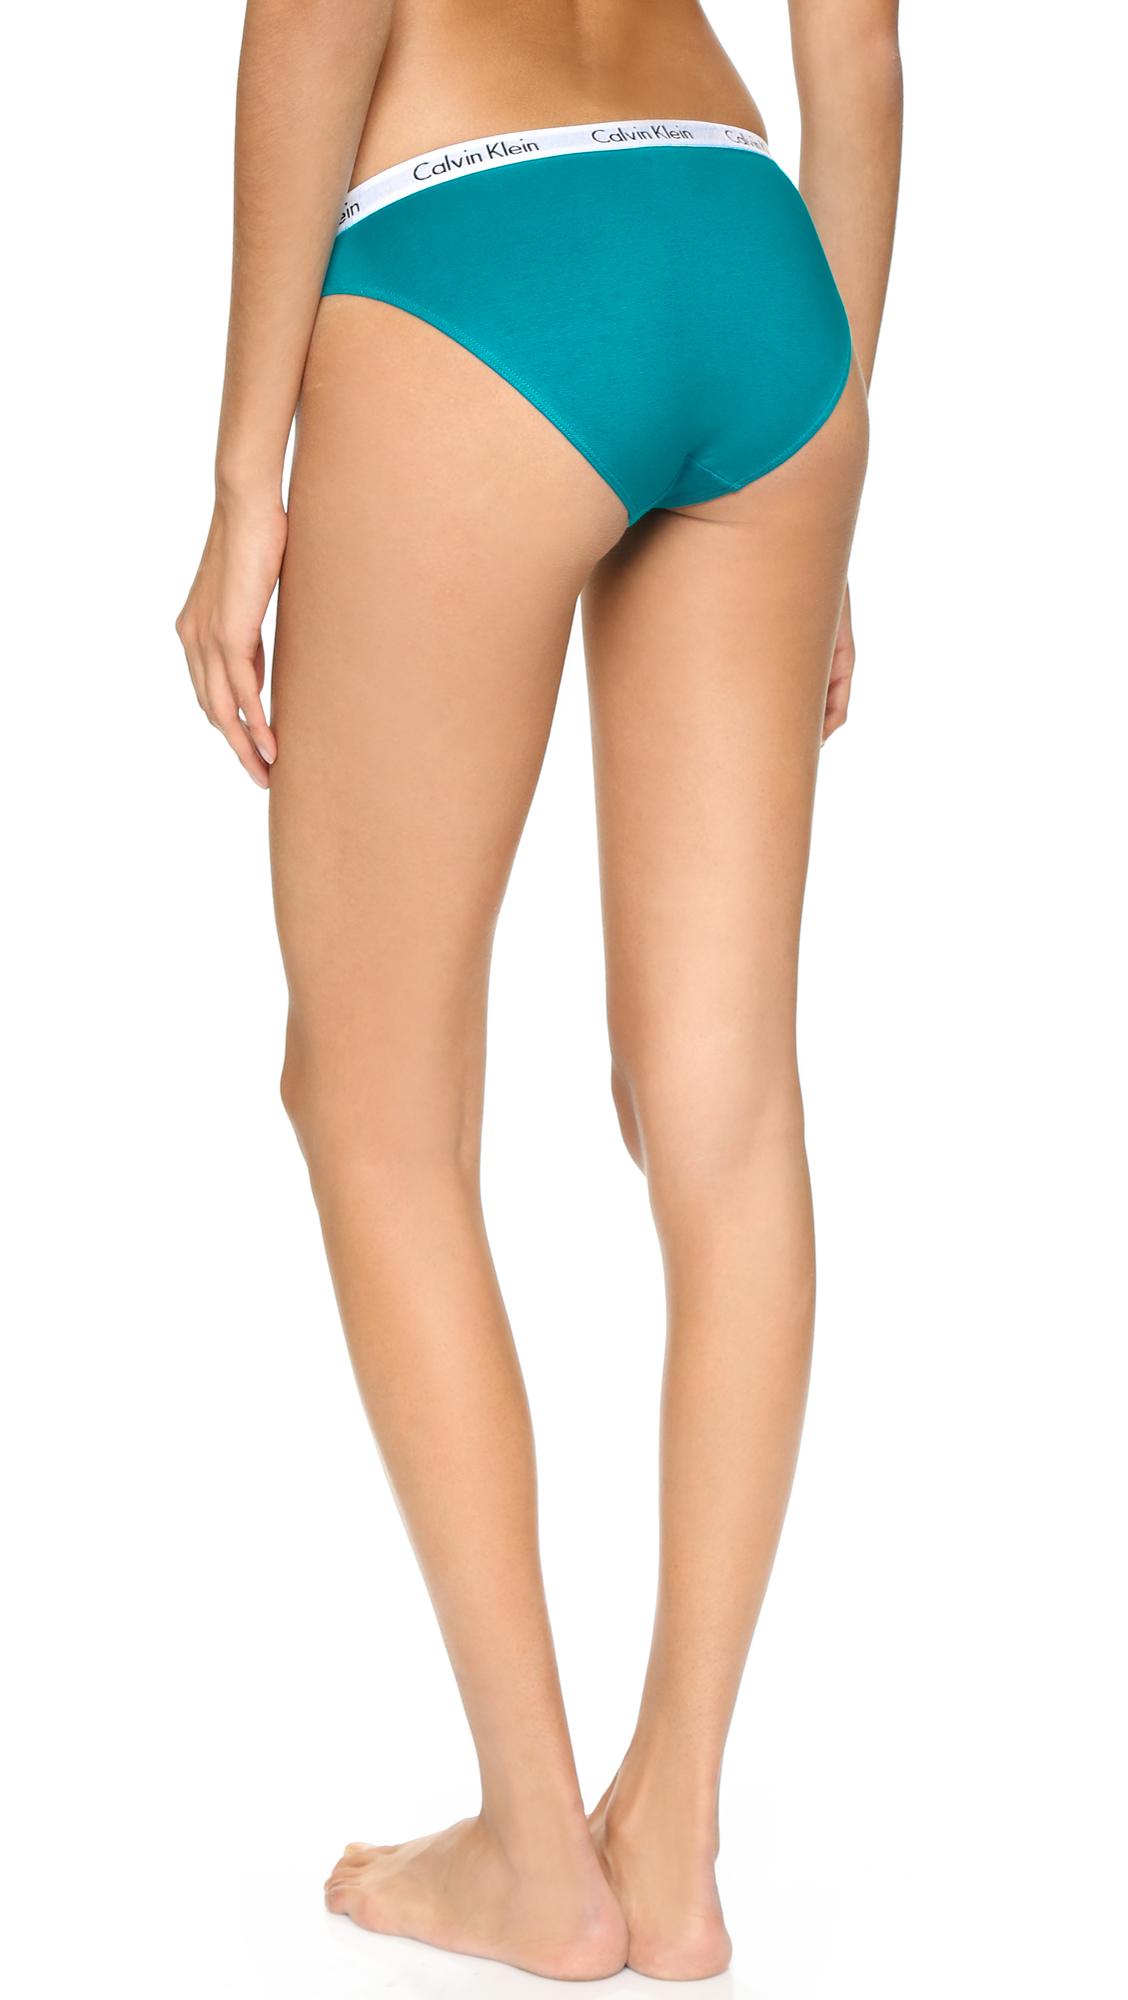 36f1263a8 Calvin Klein Carousel 5 Pack Bikini Briefs - Multi in Blue - Lyst